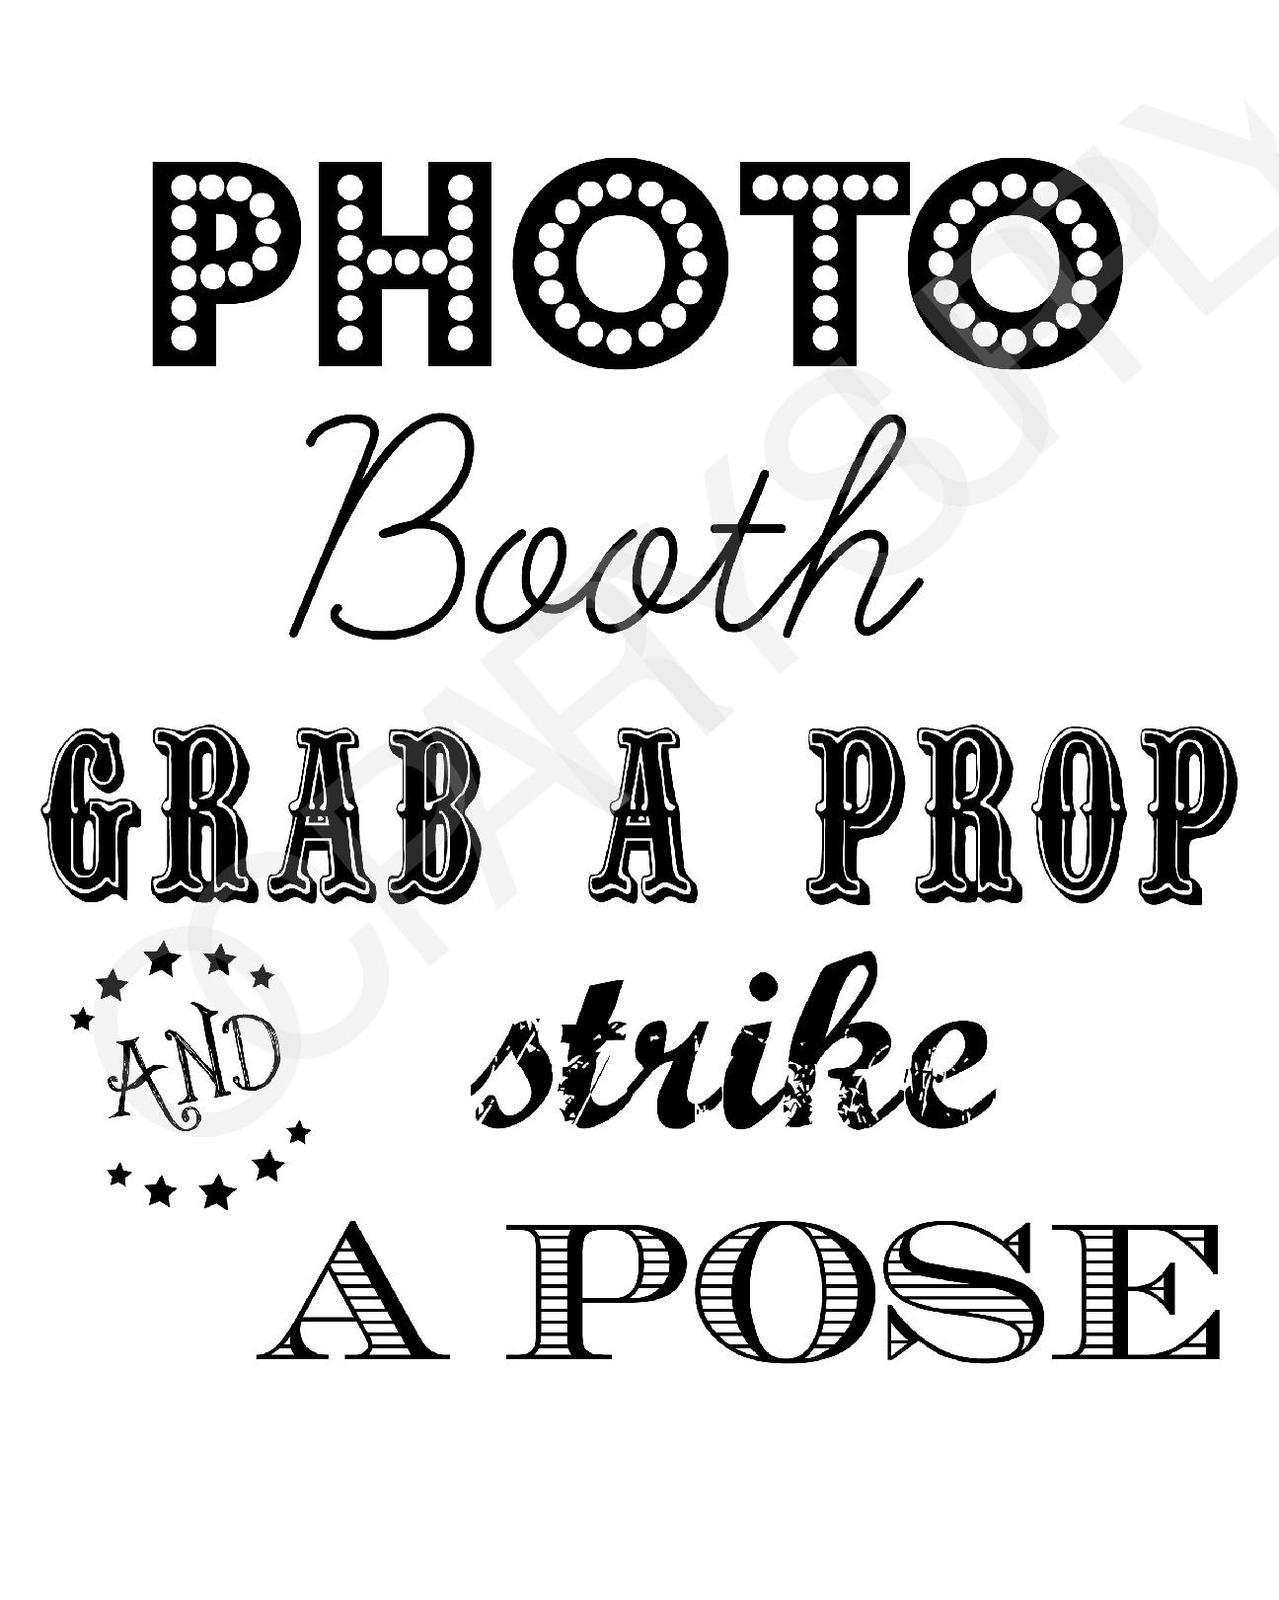 Free Photo Booth Sign (Printable) | Mr & Mrs | Fiesta En La Playa - Selfie Station Free Printable